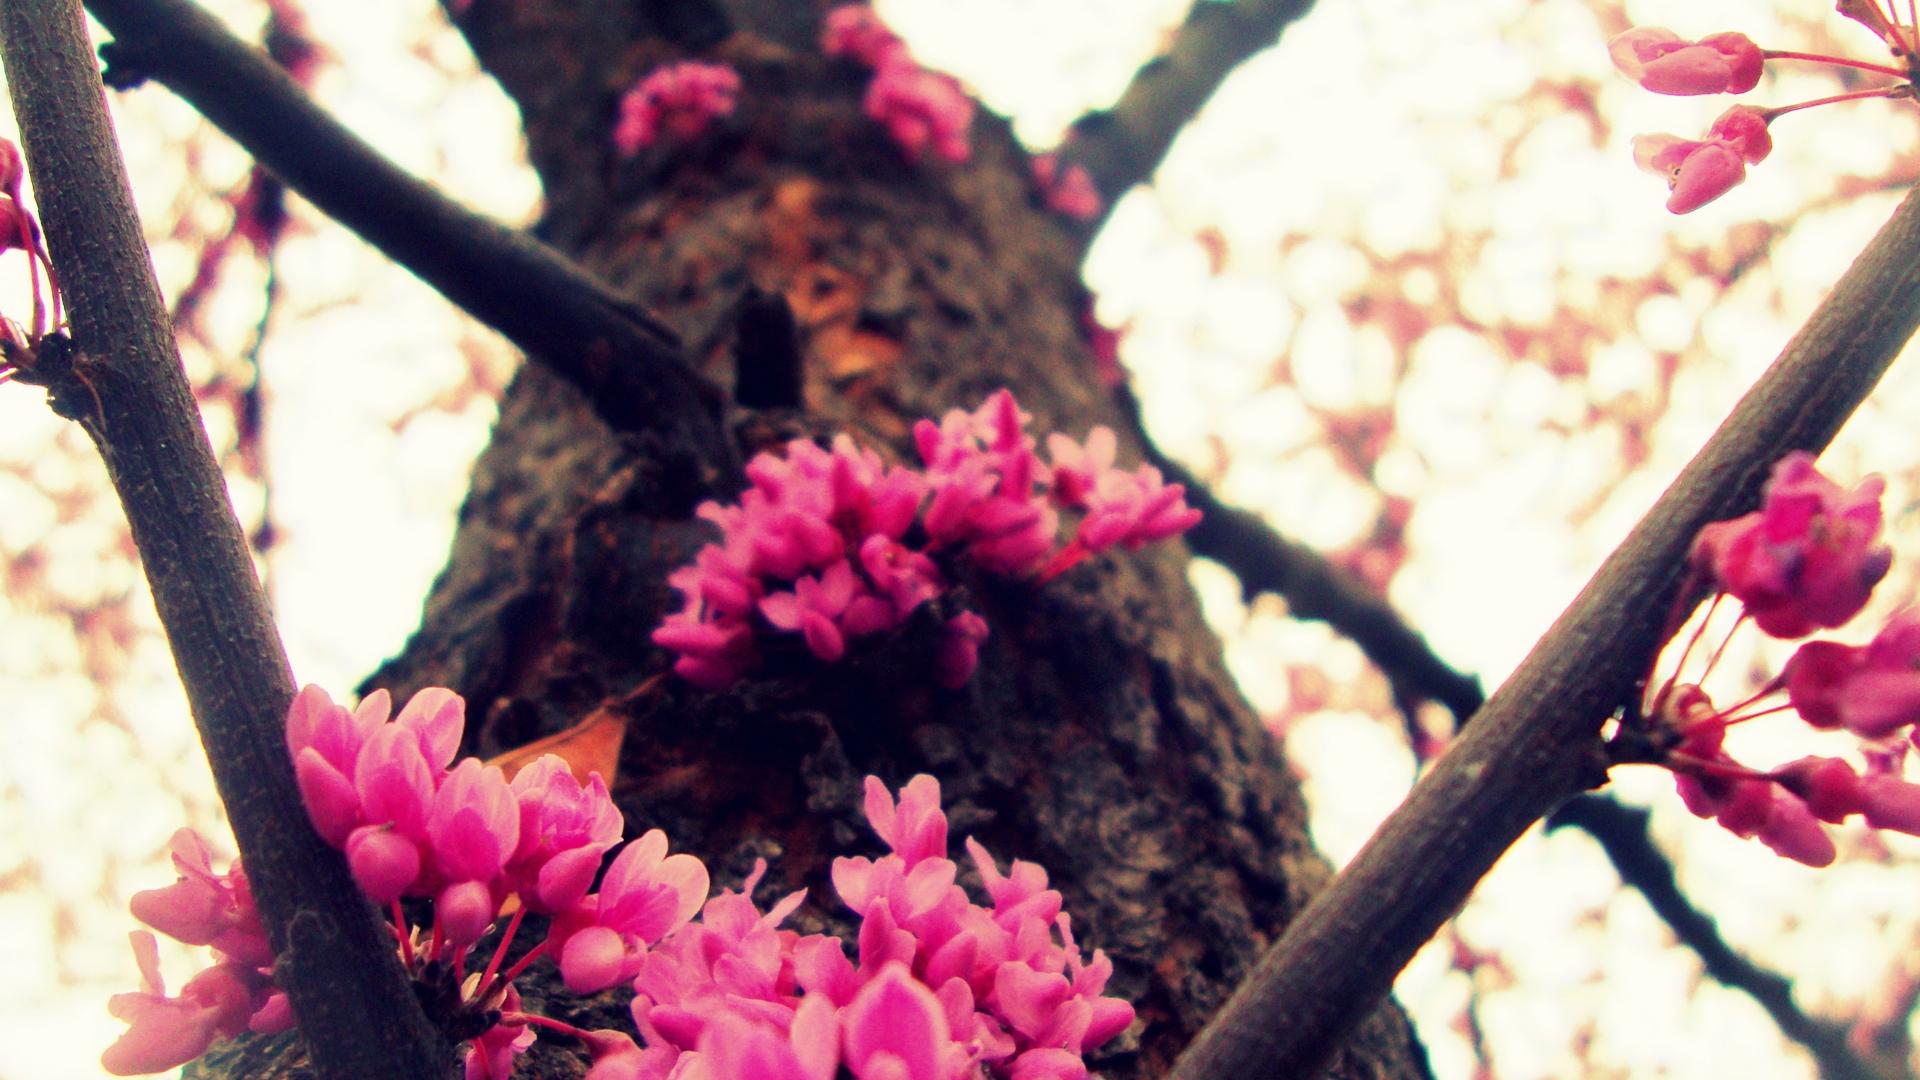 Цветы в стволе дерева подборки